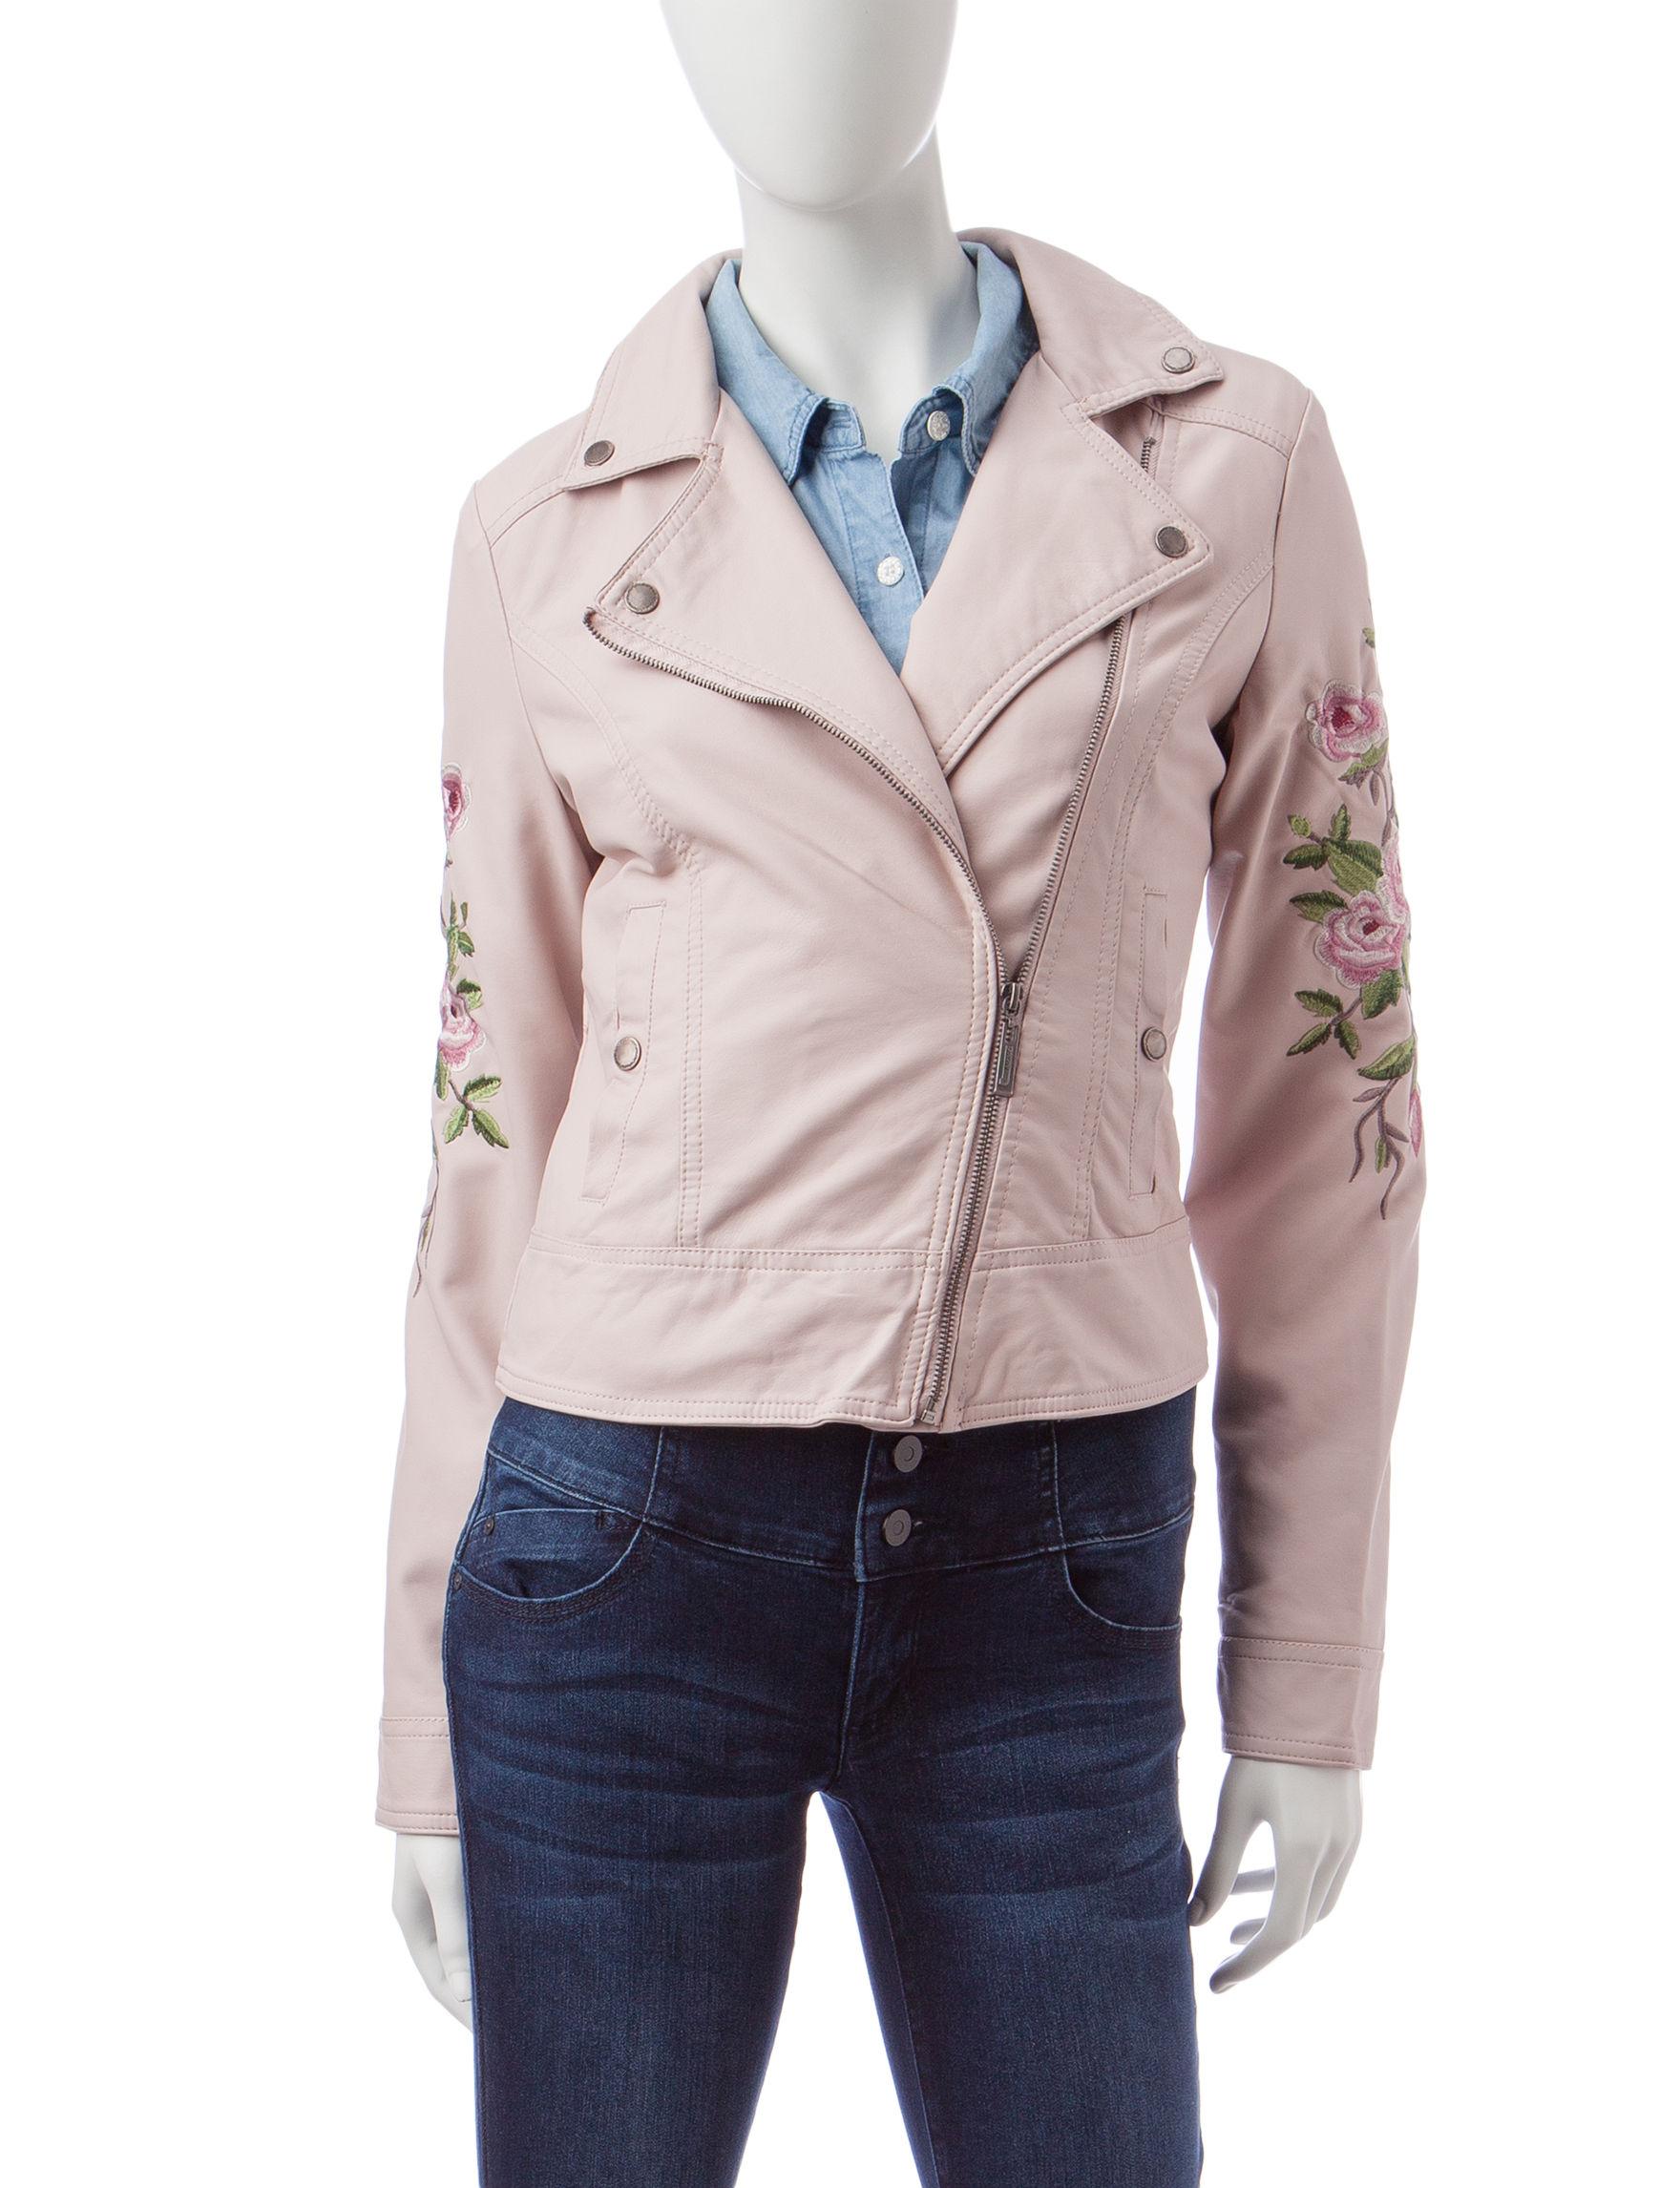 Jou-Jou Light Pink Bomber & Moto Jackets